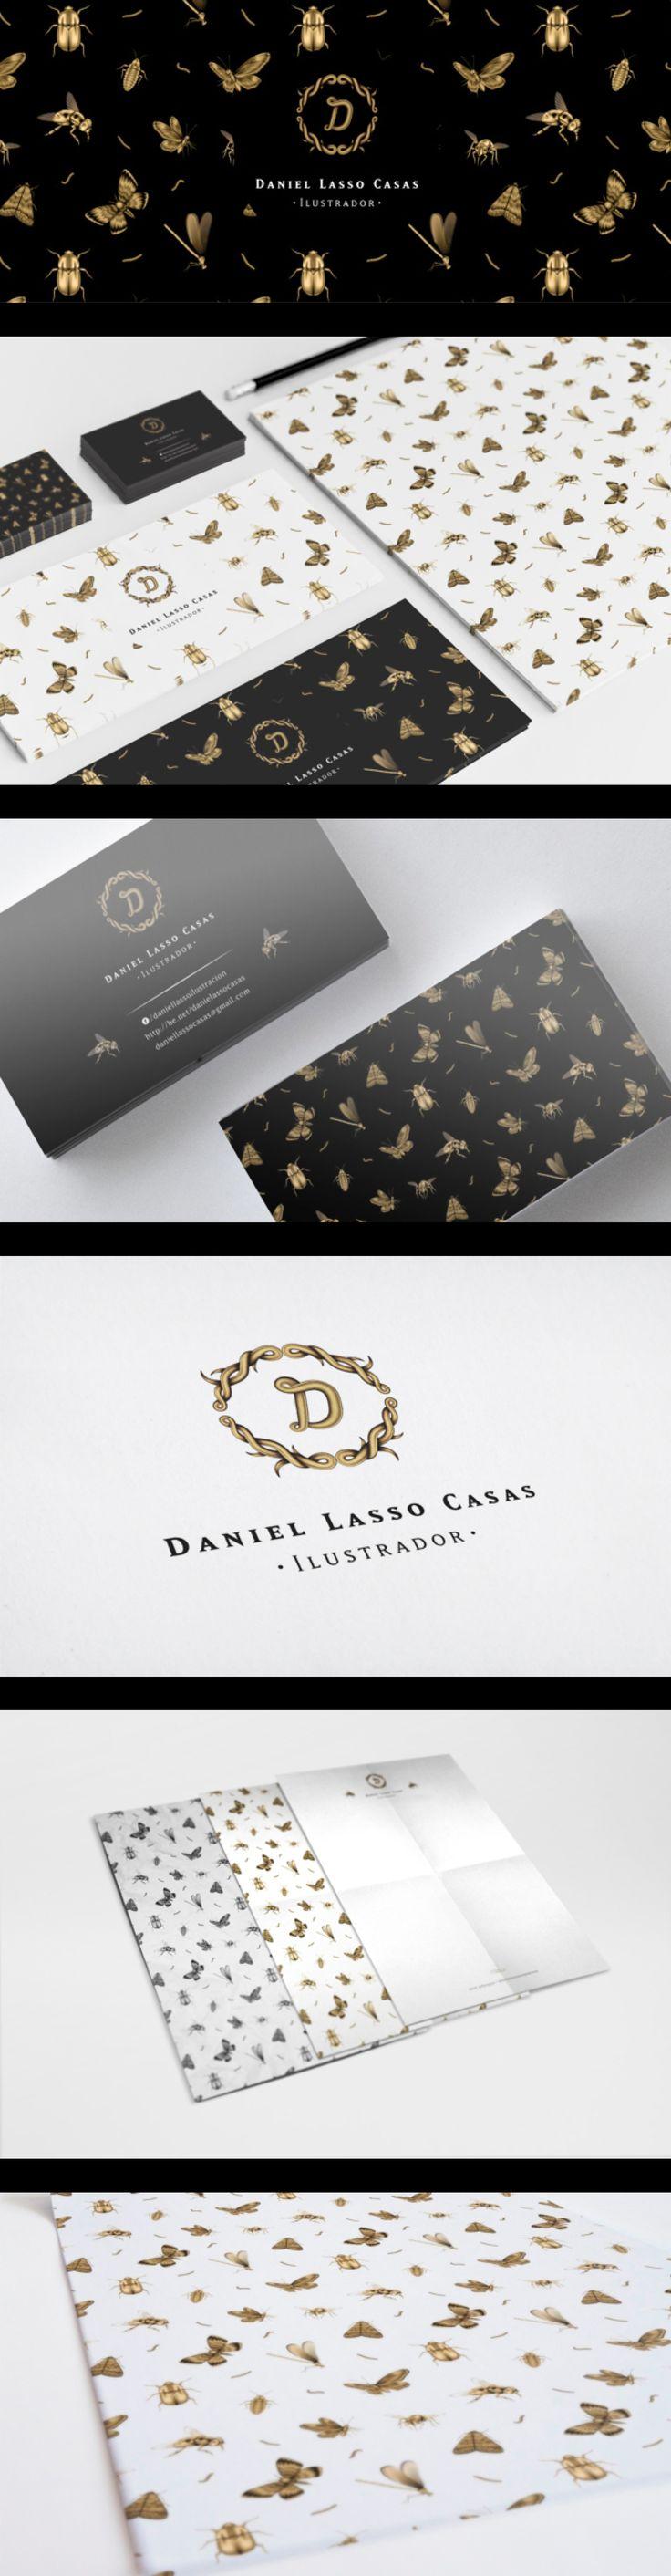 Self Branding by Daniel Lasso Casas If